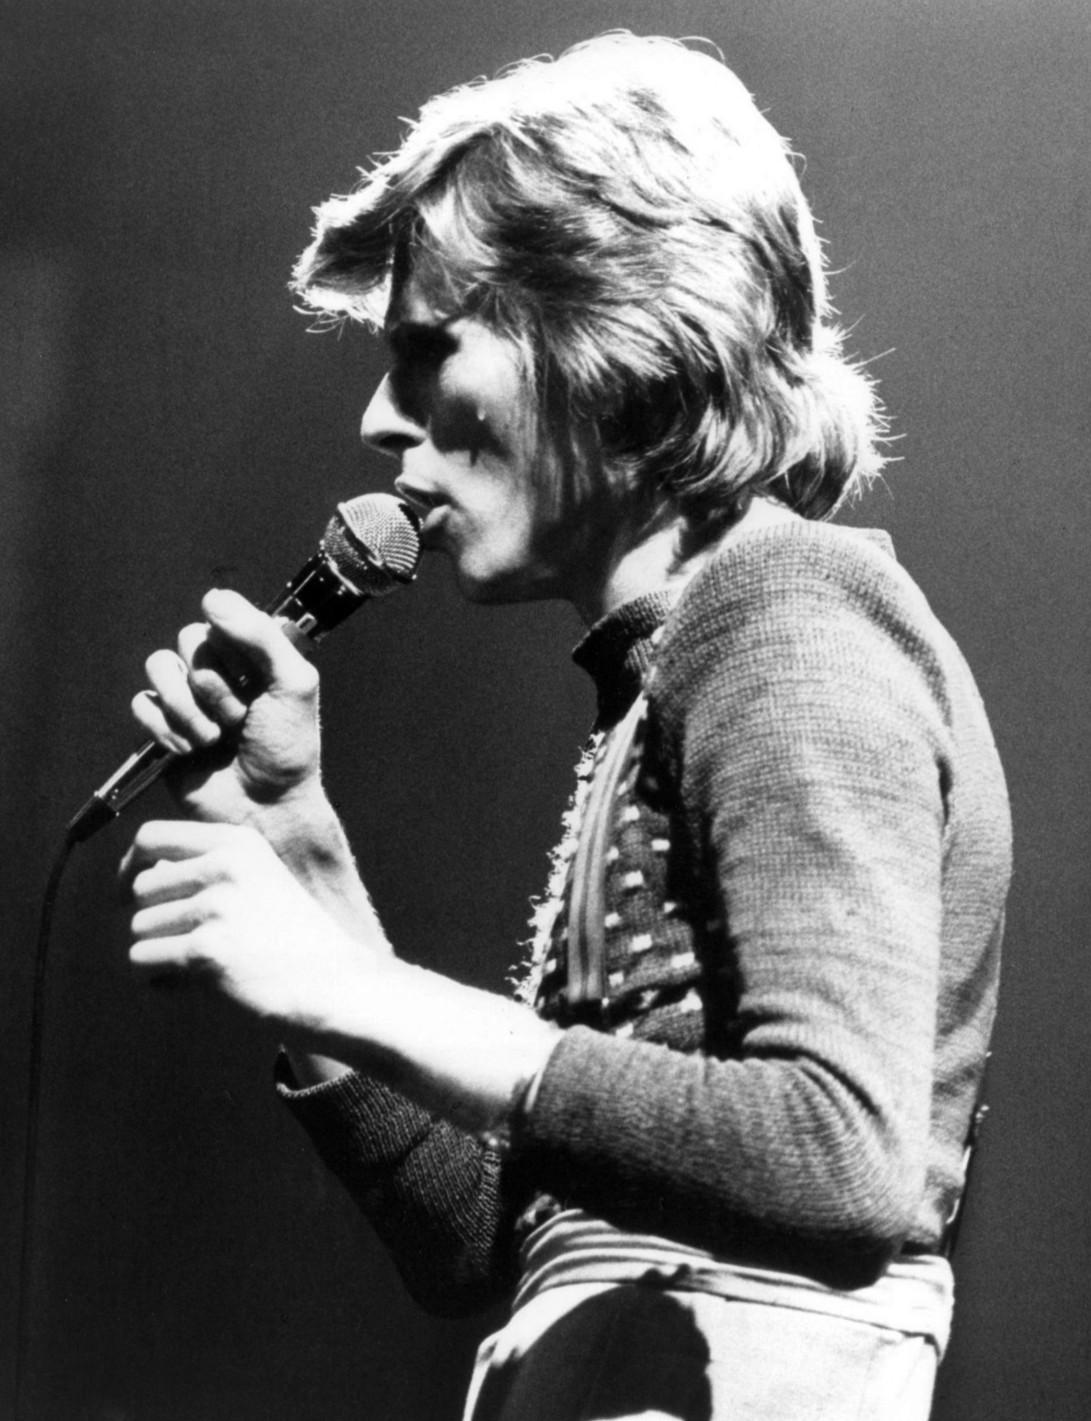 David Bowie 1 października 1974 roku, podczas programu muzycznego stacji ABC In Concert (źródło: Wikipedia. Na licencji Creative Commons)